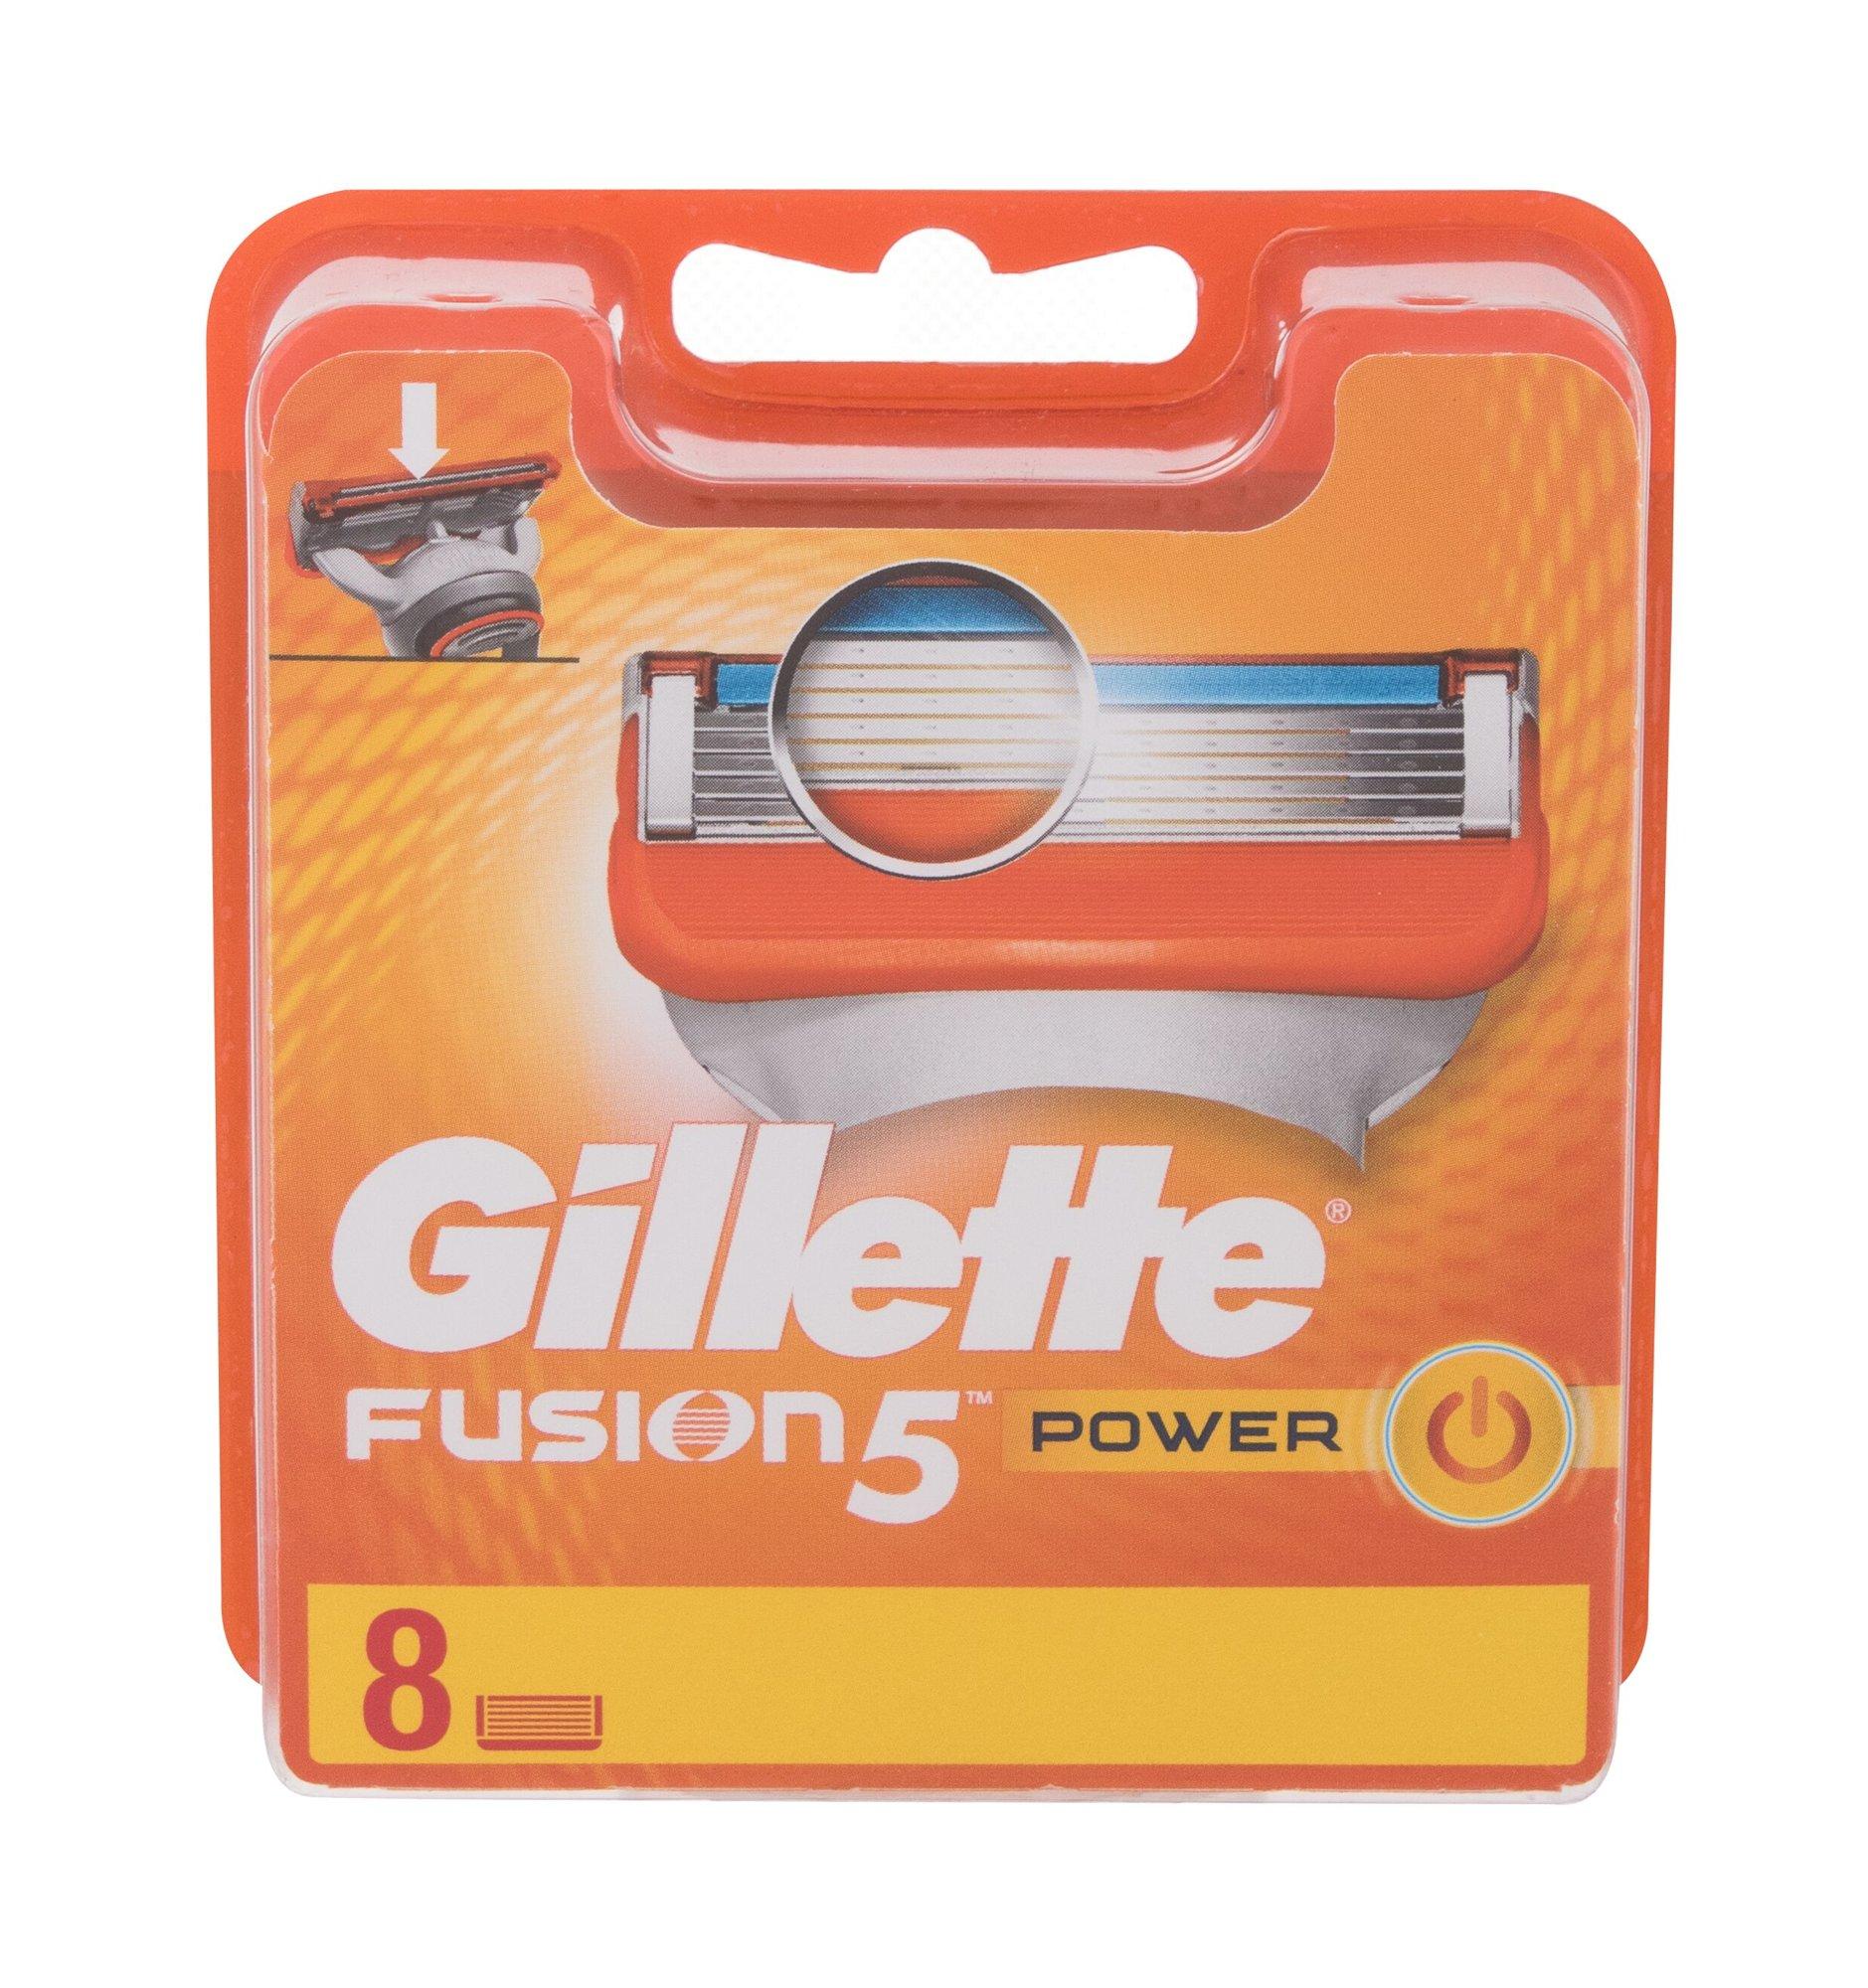 Gillette Fusion 5 Power, Náhradné ostrie 8ks